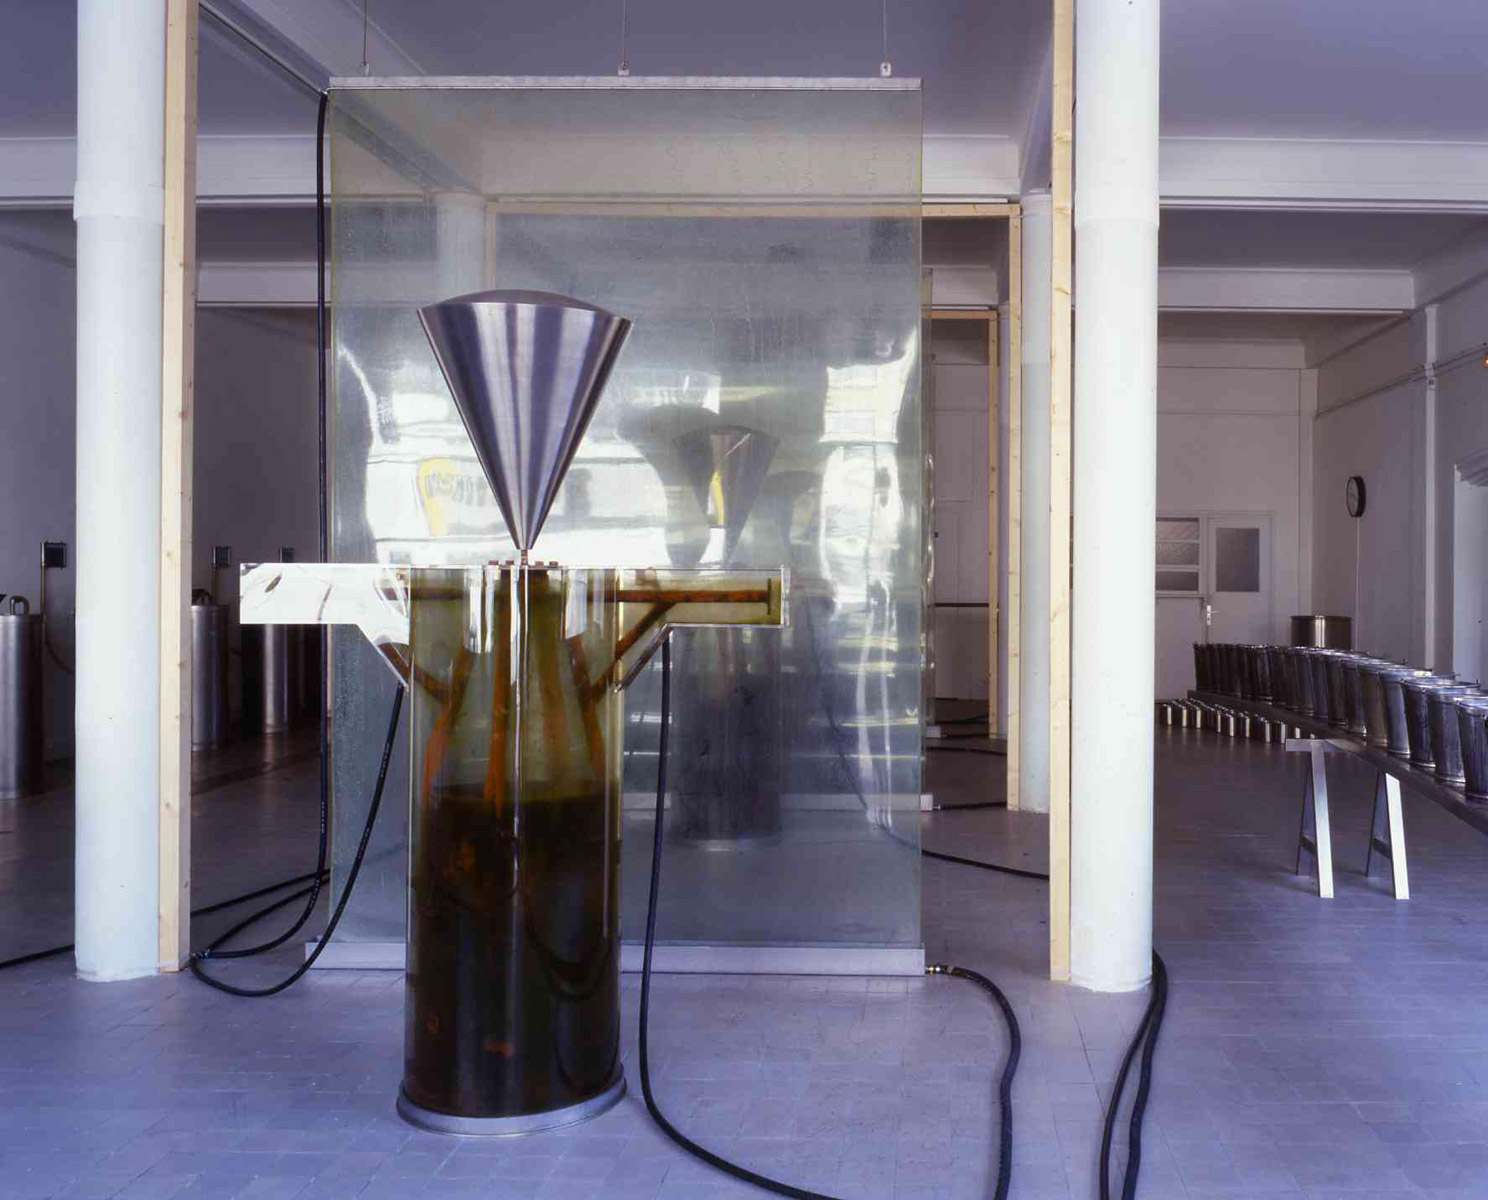 Solar, Aqua, Tempus - Le Grand Café